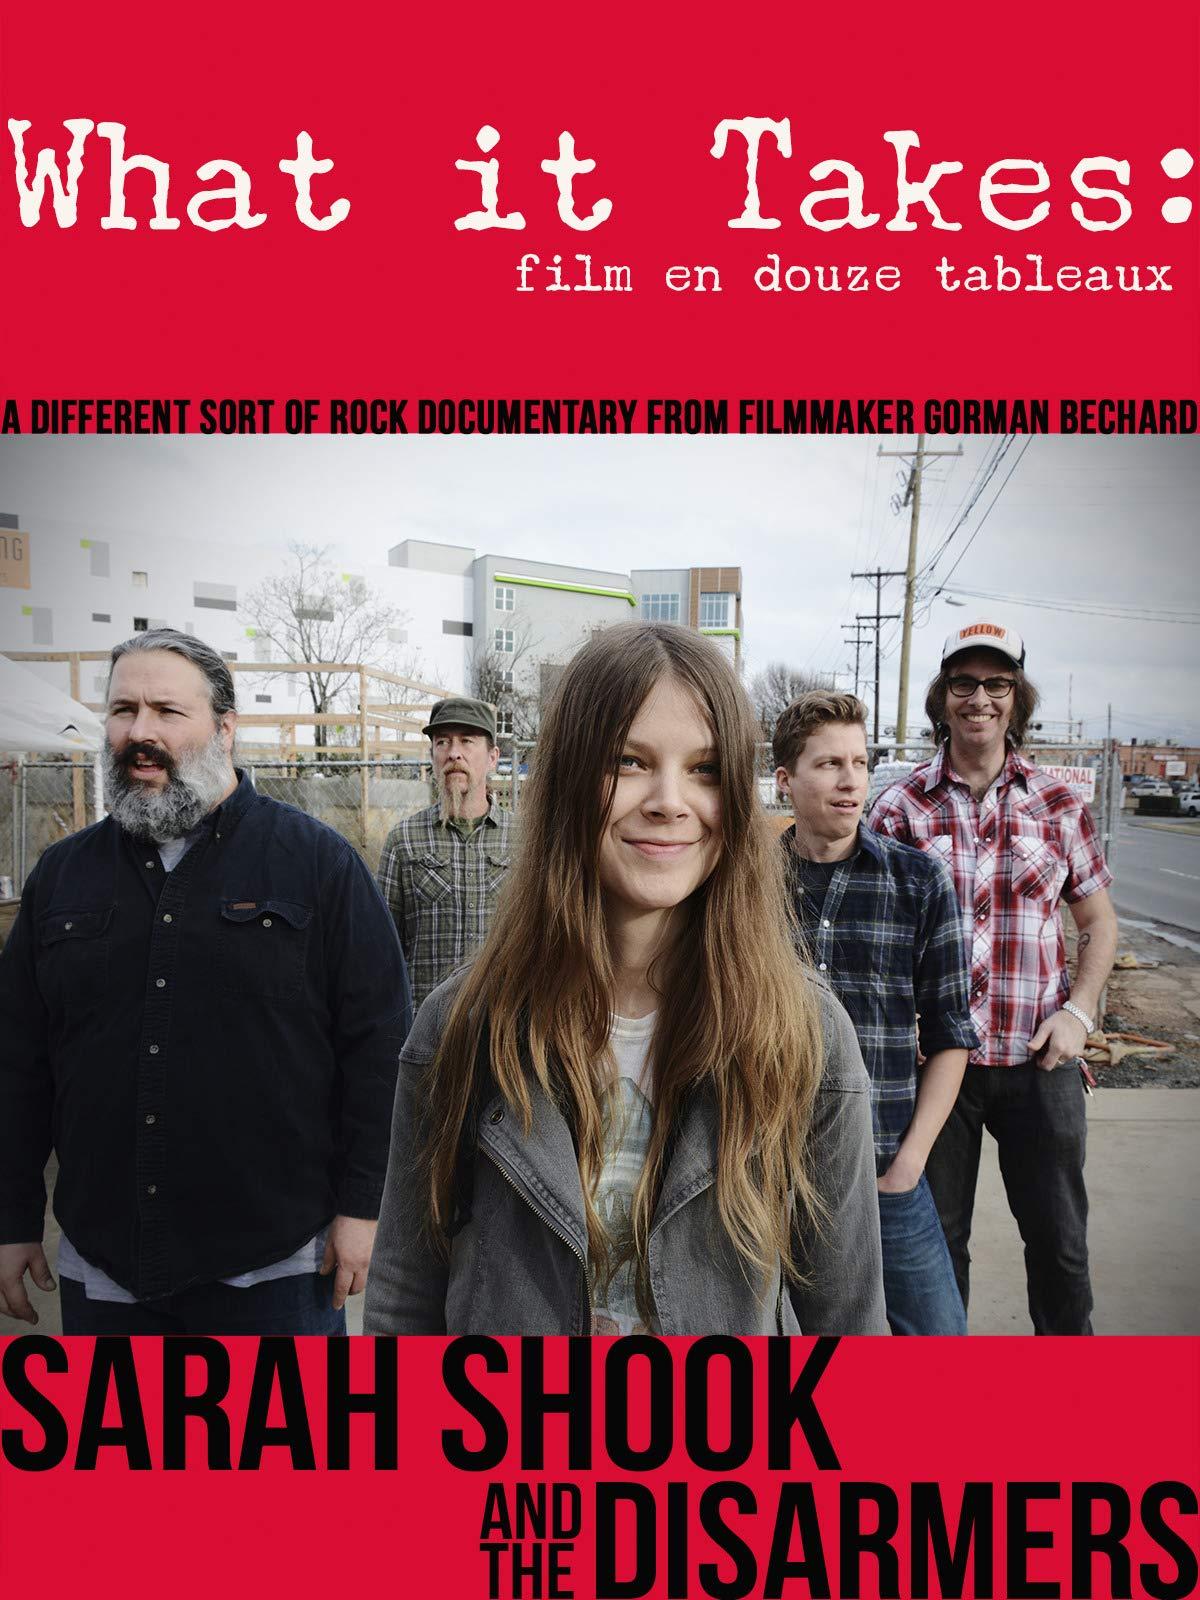 Sarah Shook & The Disarmers - What It Takes: Film En Douze Tableaux